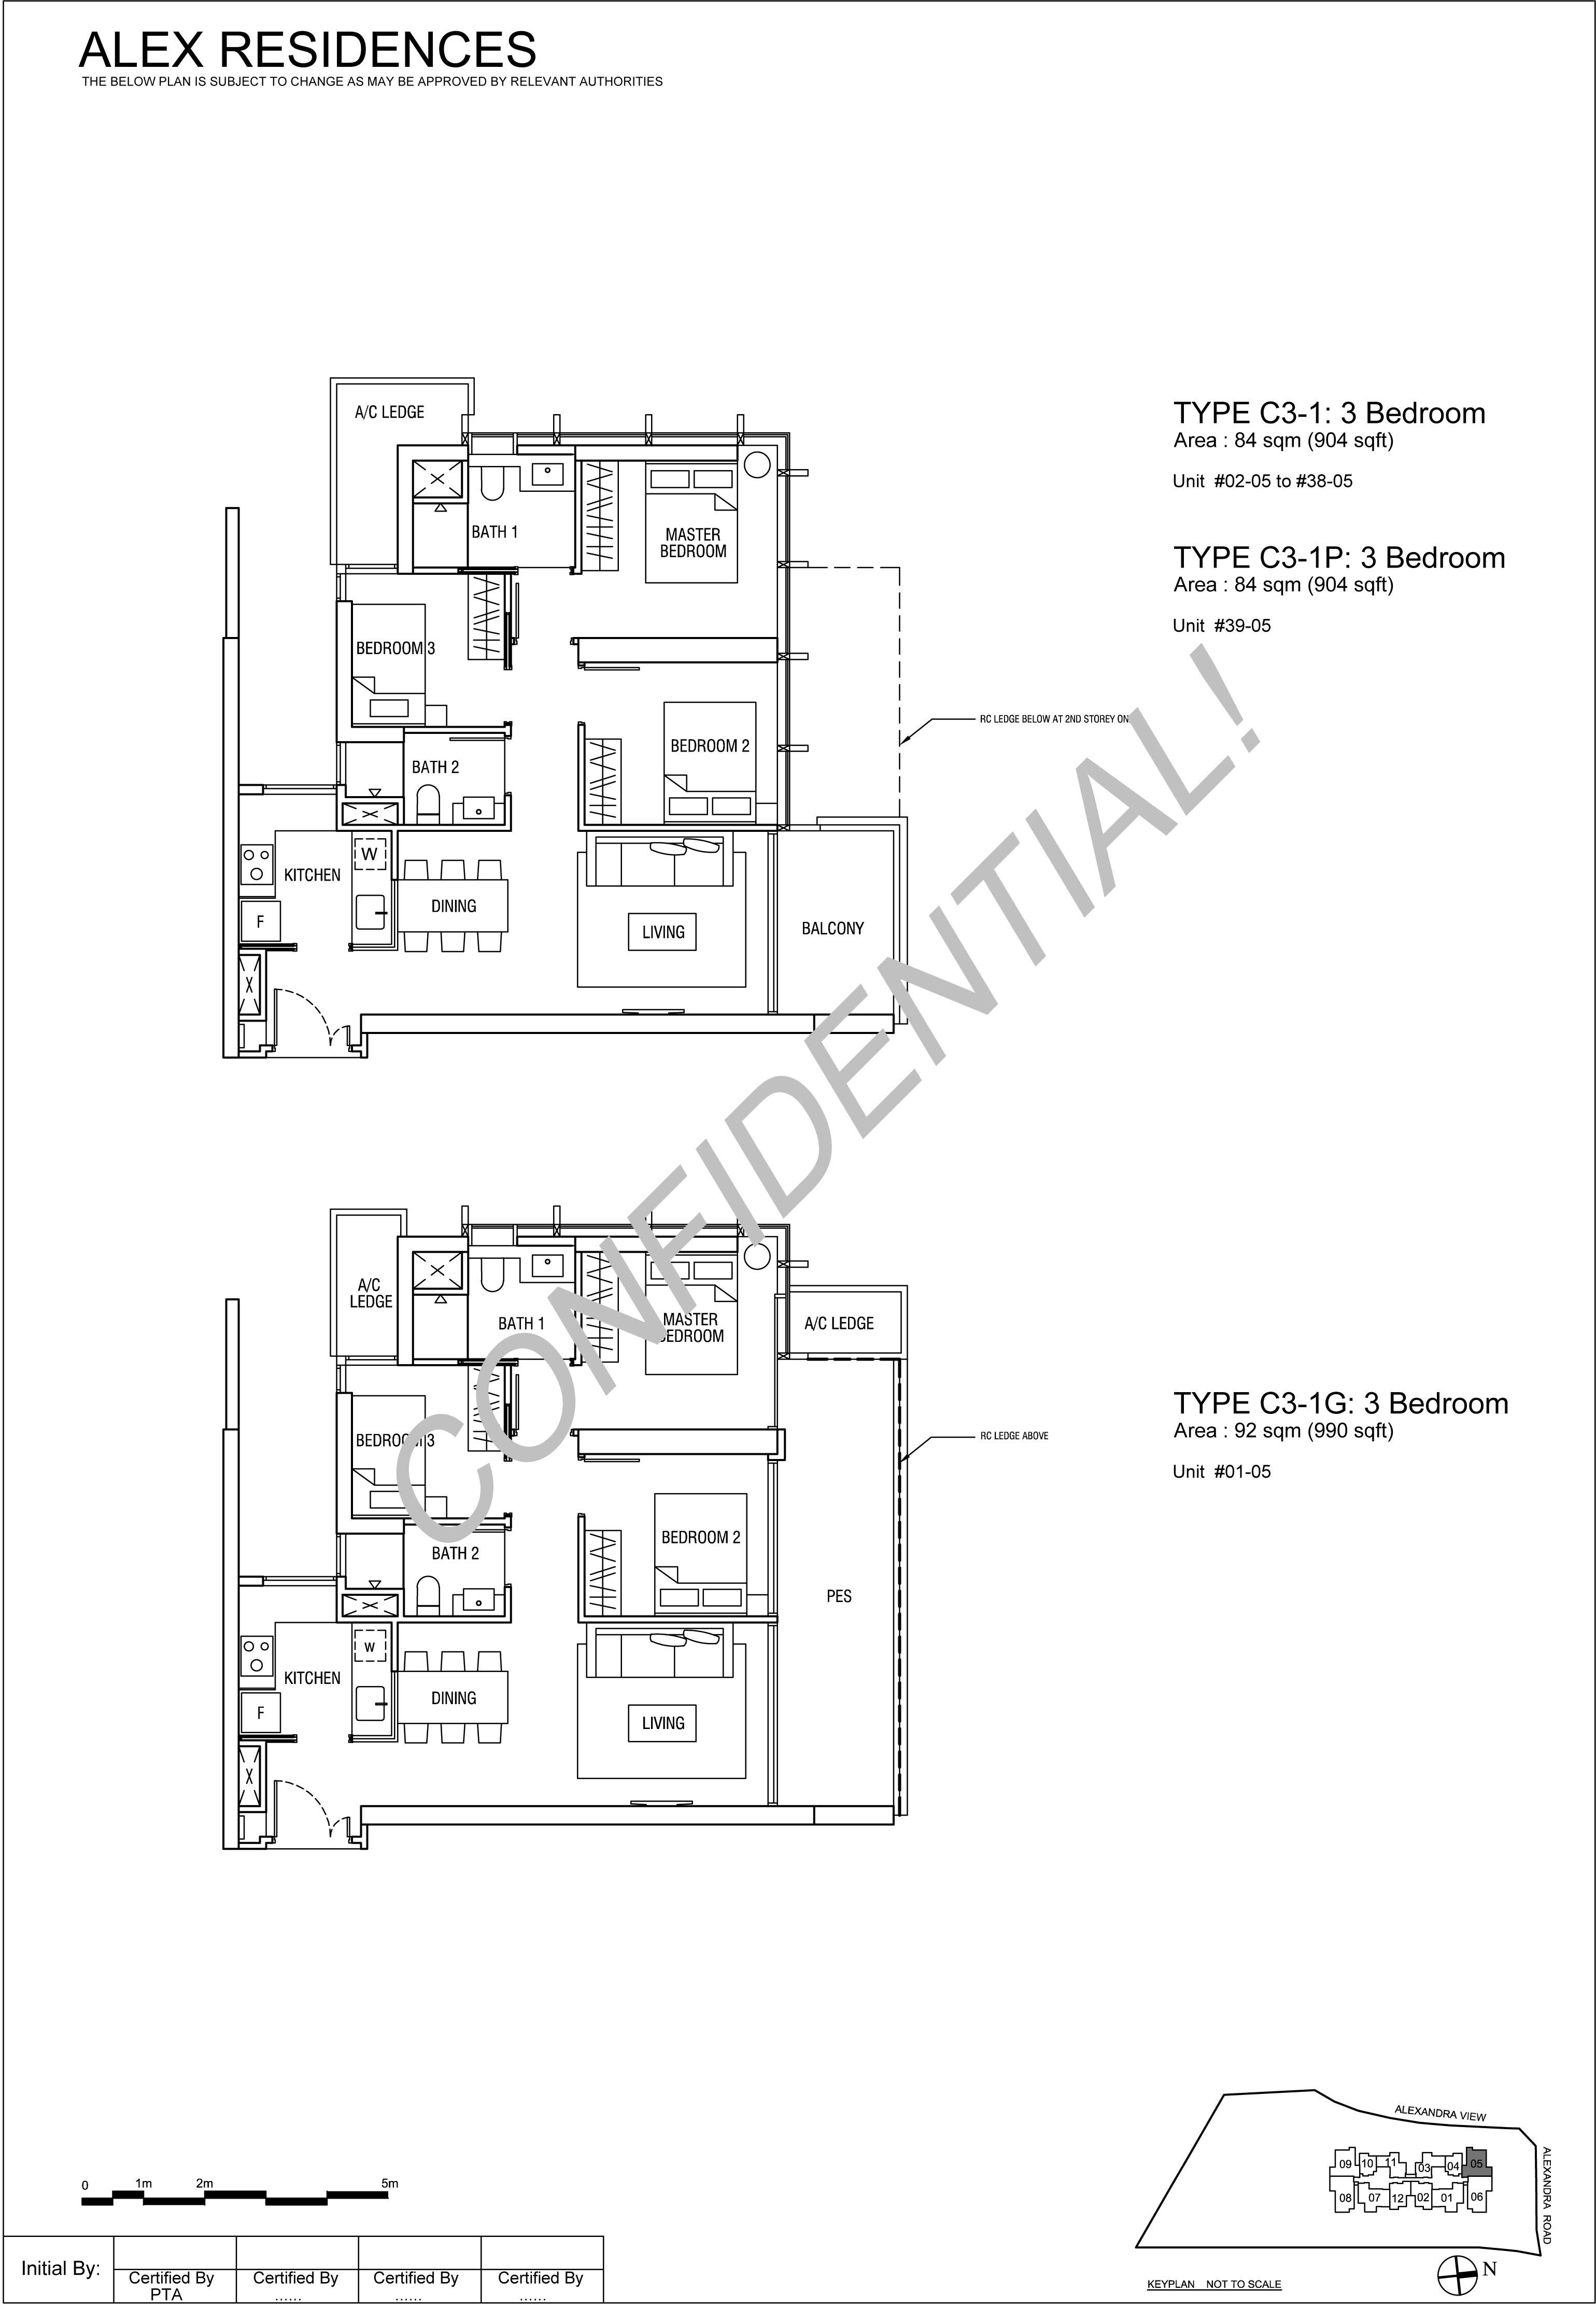 TYPE-C3-3-Bedroom